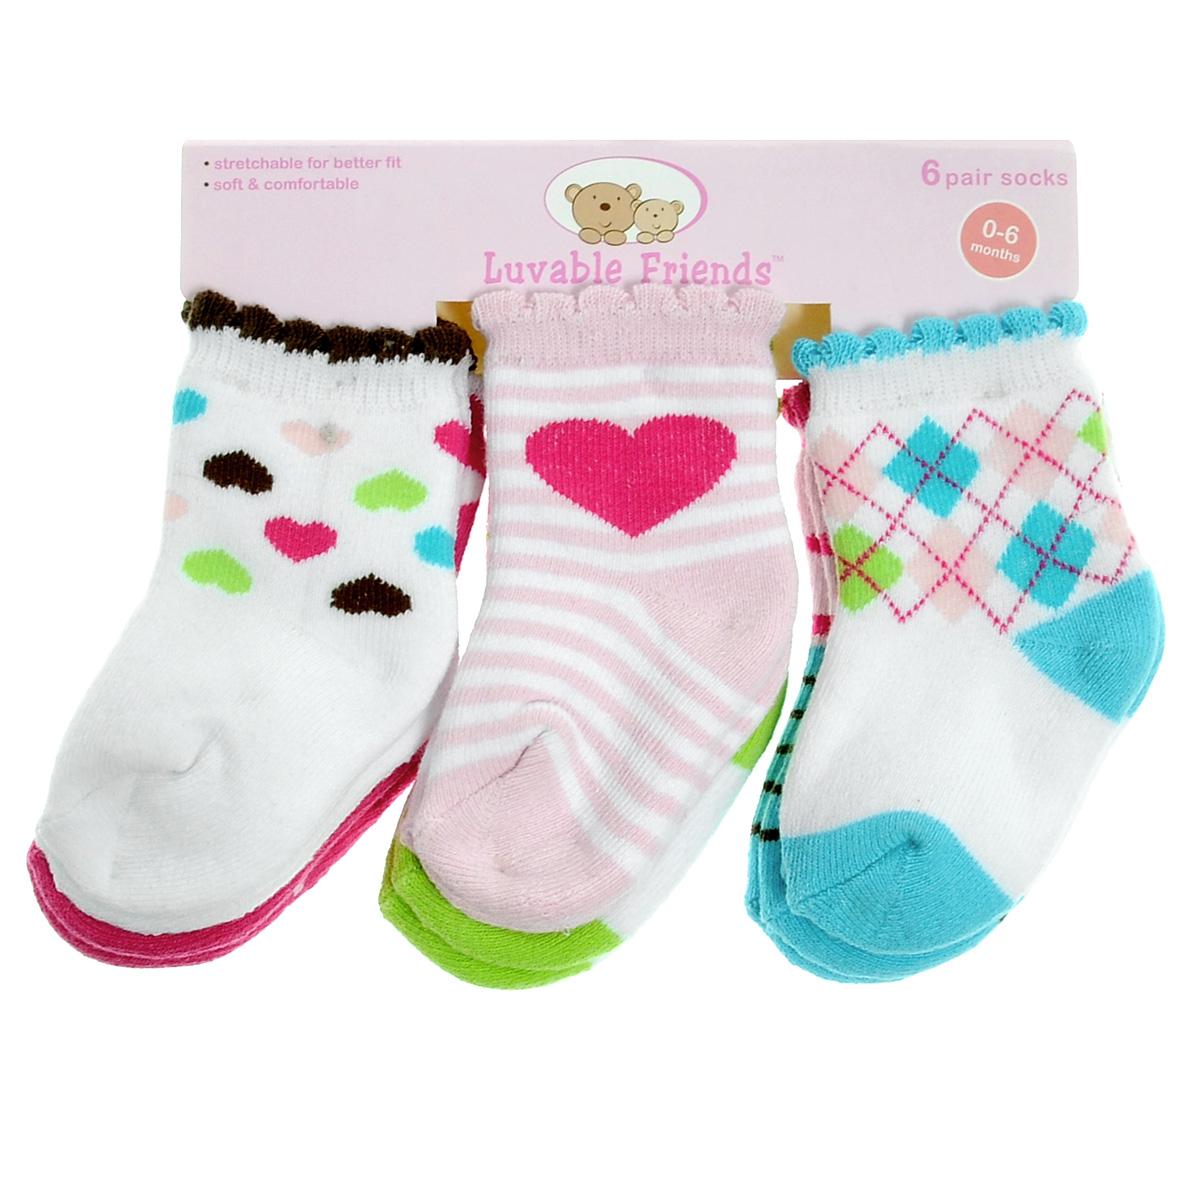 Носки детские Luvable Friends Яркий принт, цвет: розовый, белый, салатовый, голубой, 6 пар. 26110. Размер 55/67, 0-6 месяцев26110Комфортные и прочные детские носки Luvable Friends Яркий принт, махровые внутри, очень мягкие на ощупь. Эластичная резинка плотно облегает ножку ребенка, не сдавливая ее, благодаря чему малышу будет комфортно и удобно. Комплект состоит из шести пар носочков с различной цветовой гаммой и притом.